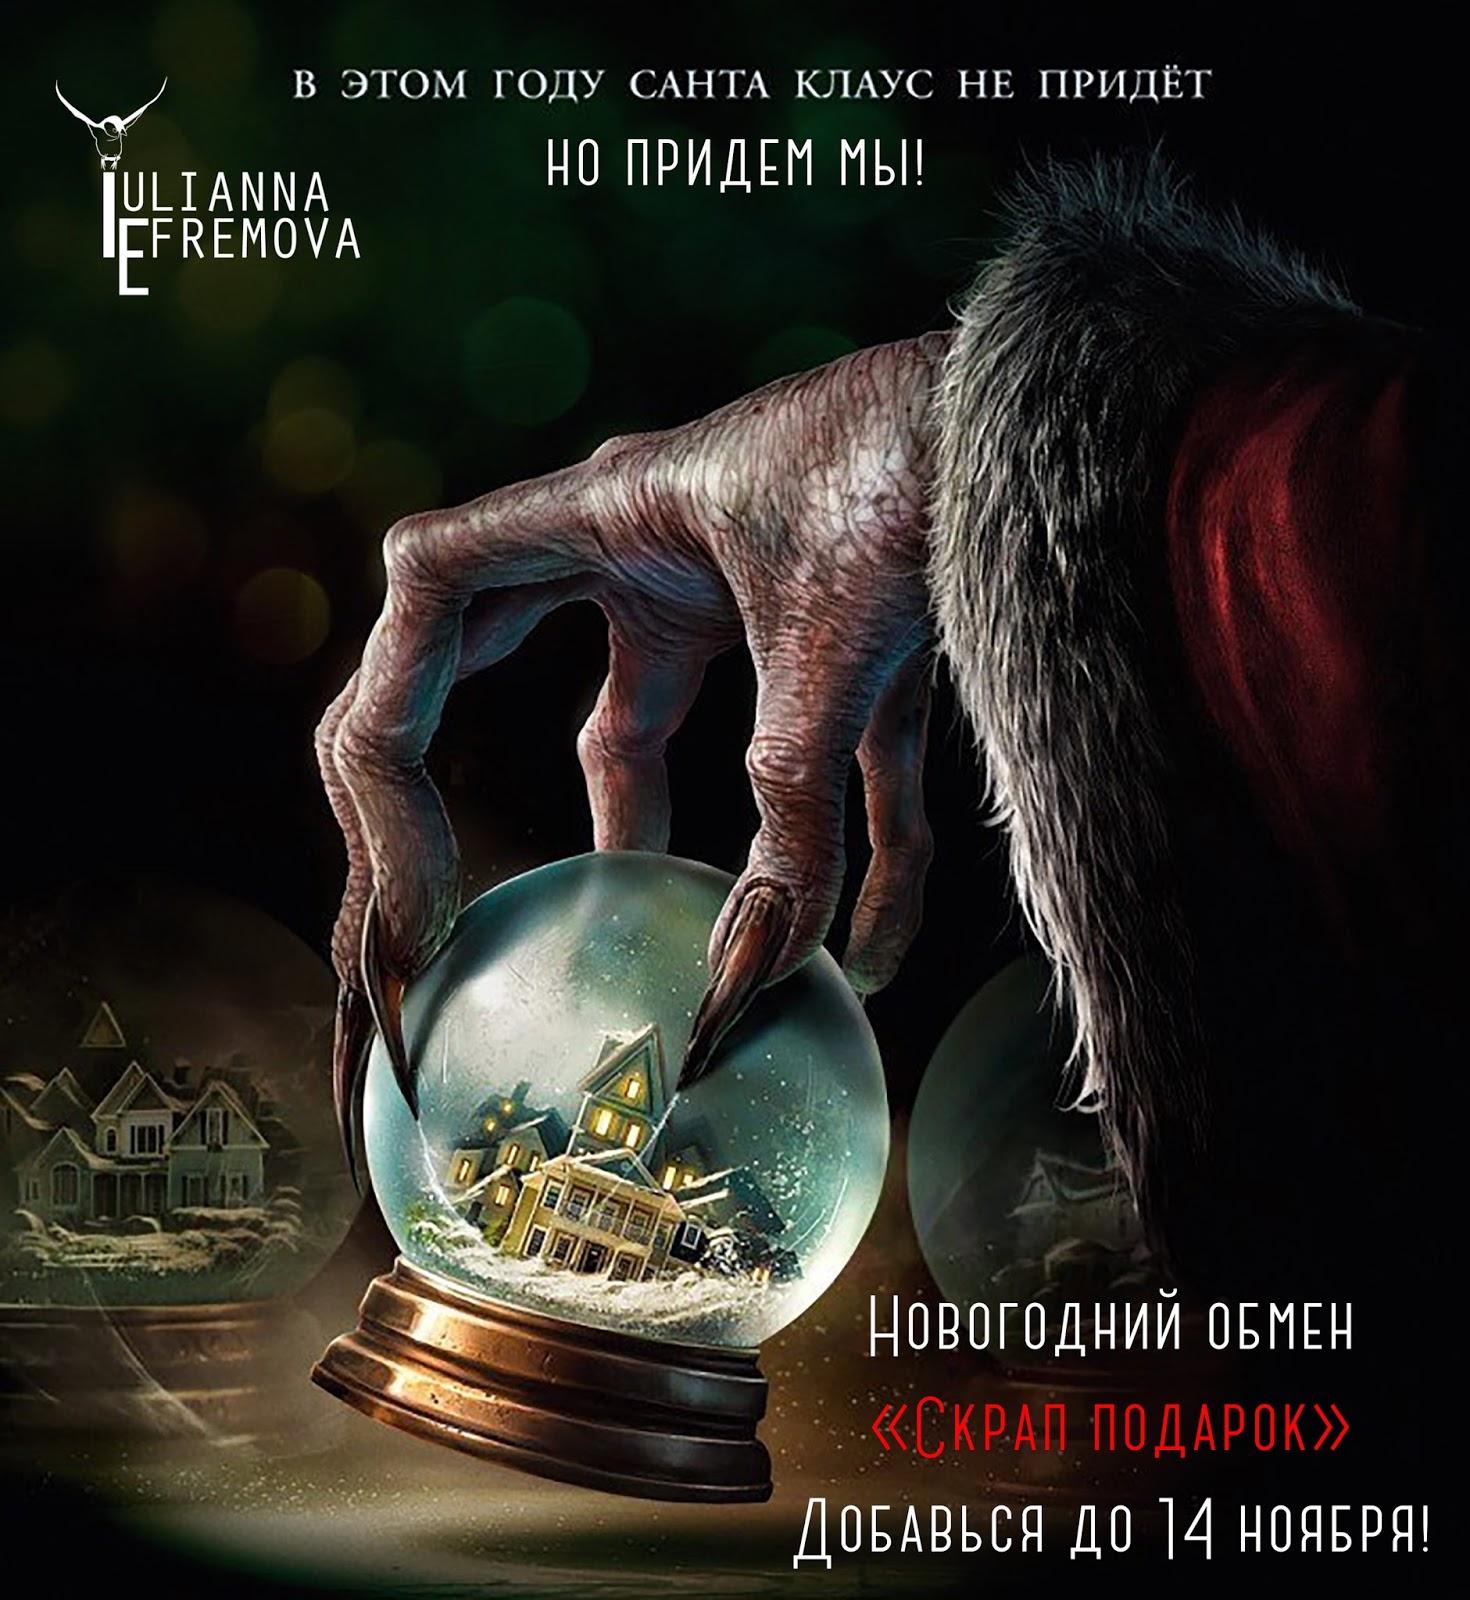 Новогодний обмен от Юлианны Ефремовой.